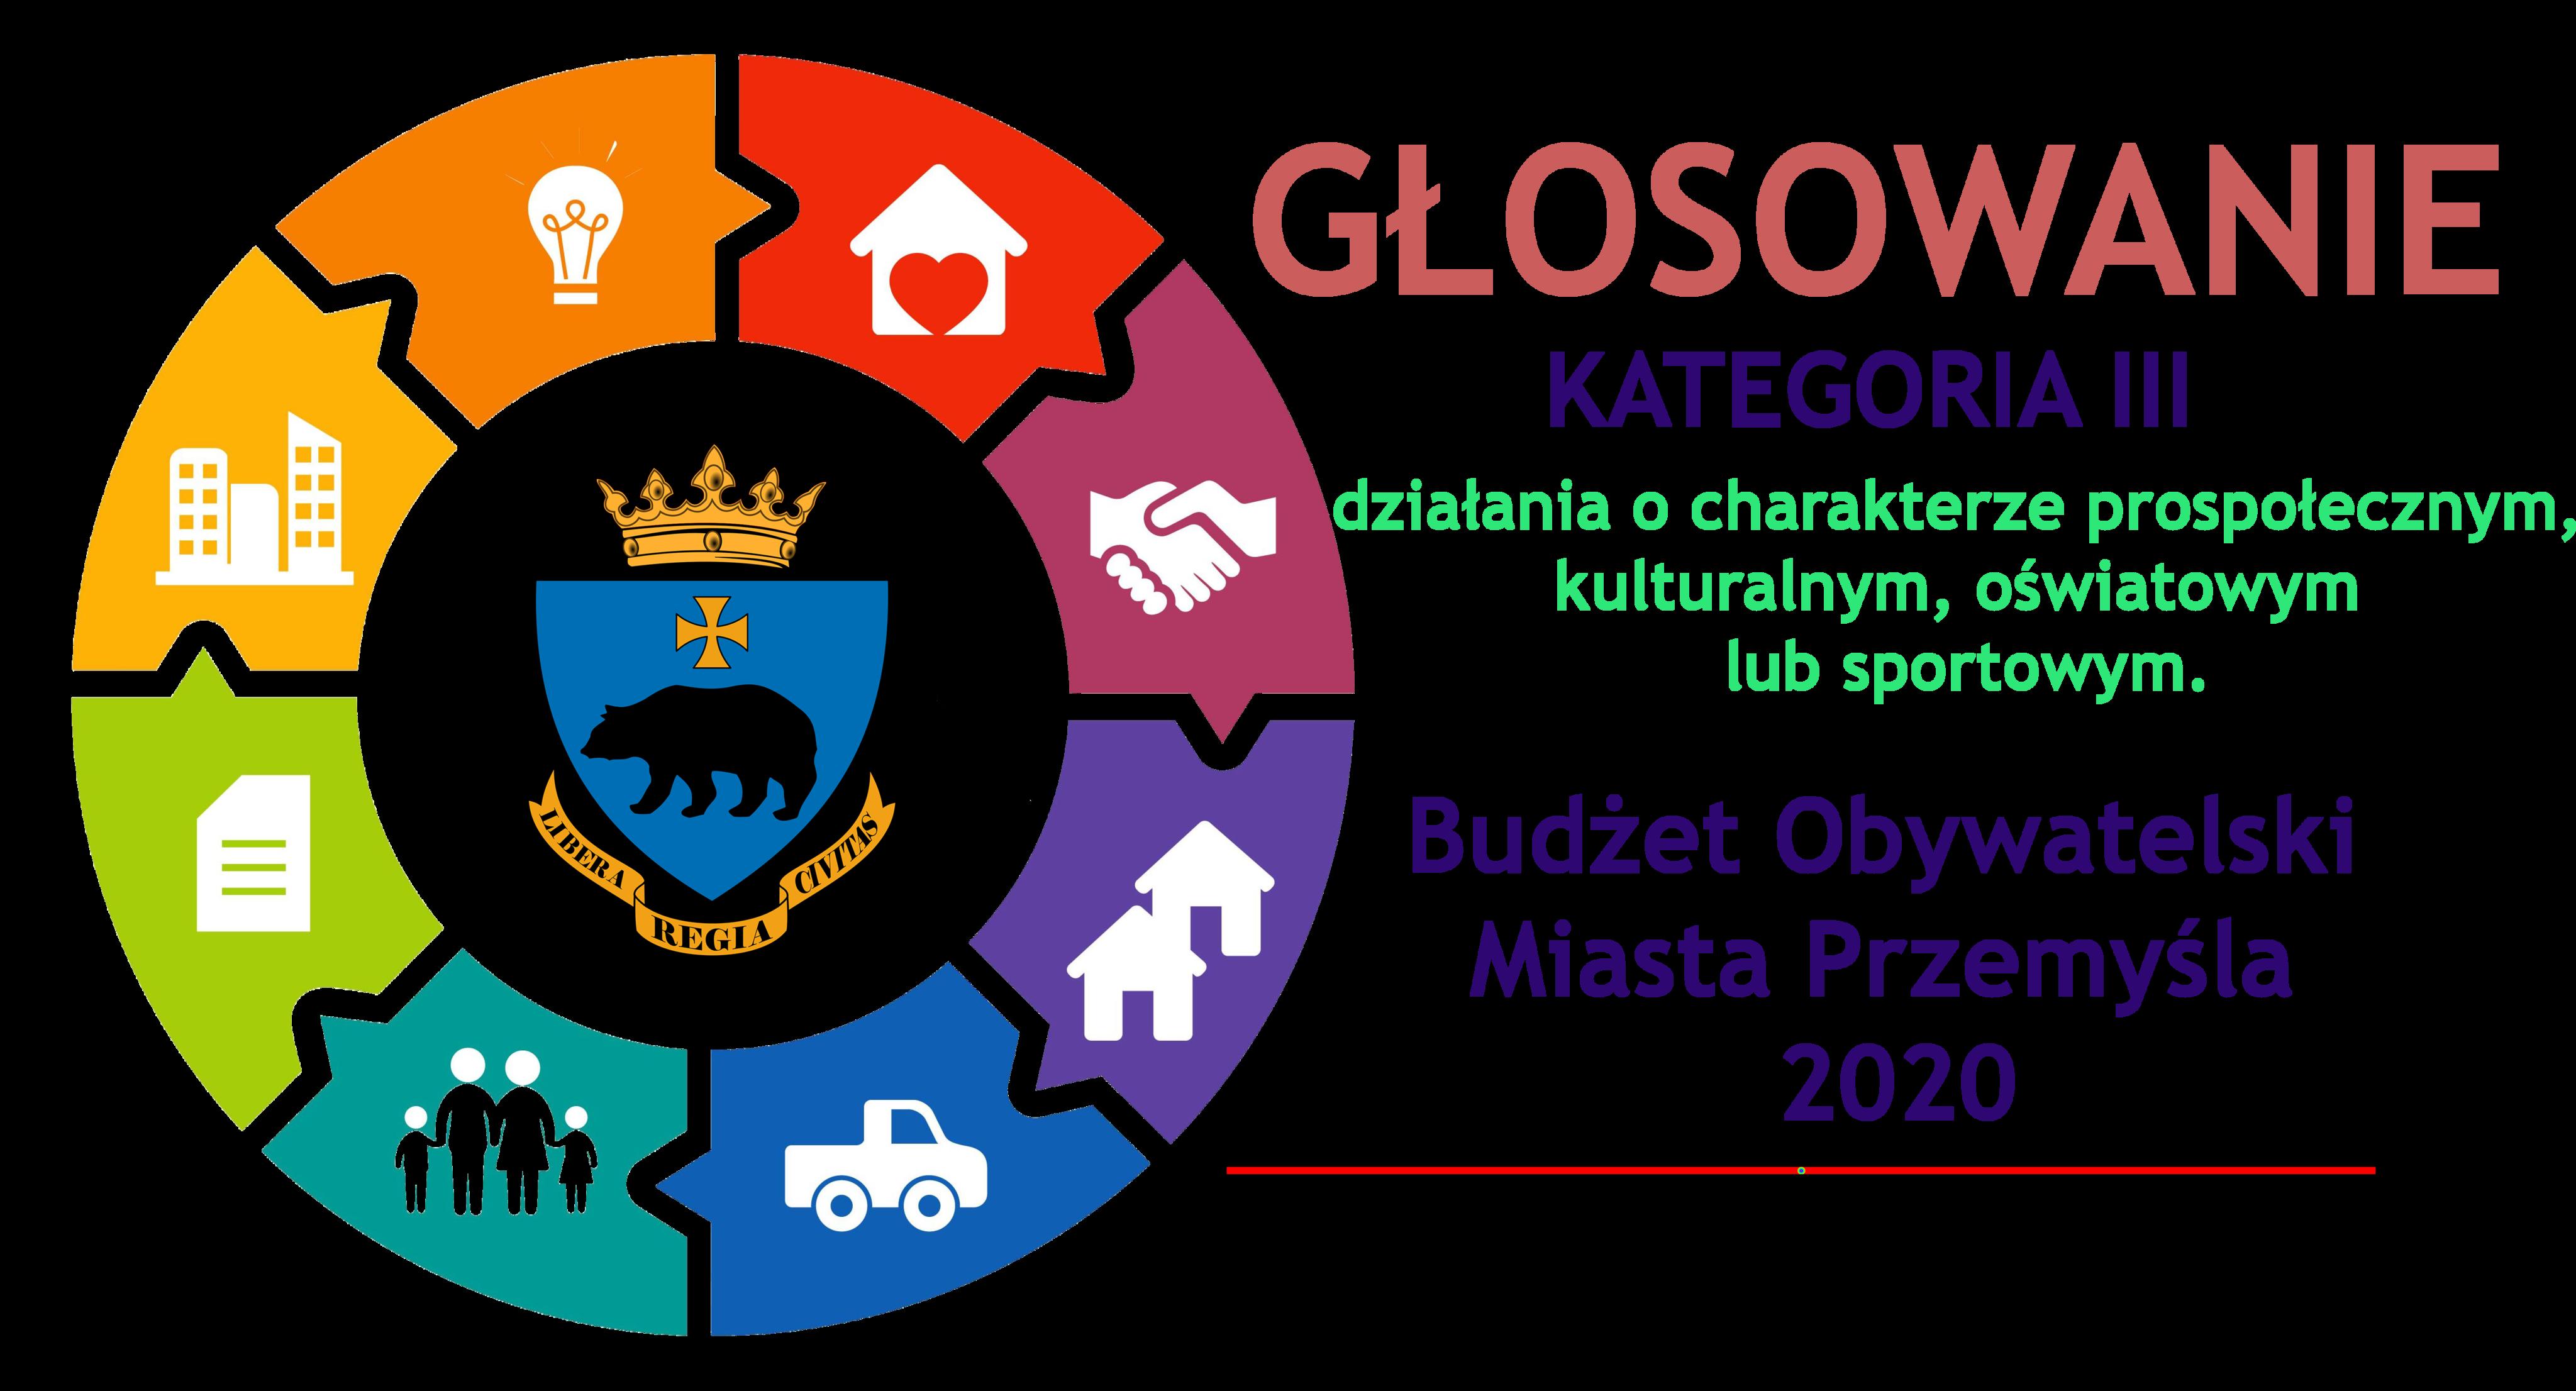 Grafika informująca o głosowaniu w Budżecie Obywatelskim Miasta Przemyśla na 2020 rok. Kategoria 3 -  zadania związane z działaniami o charakterze prospołecznym, kulturalnym, oświatowym lub sportowym.